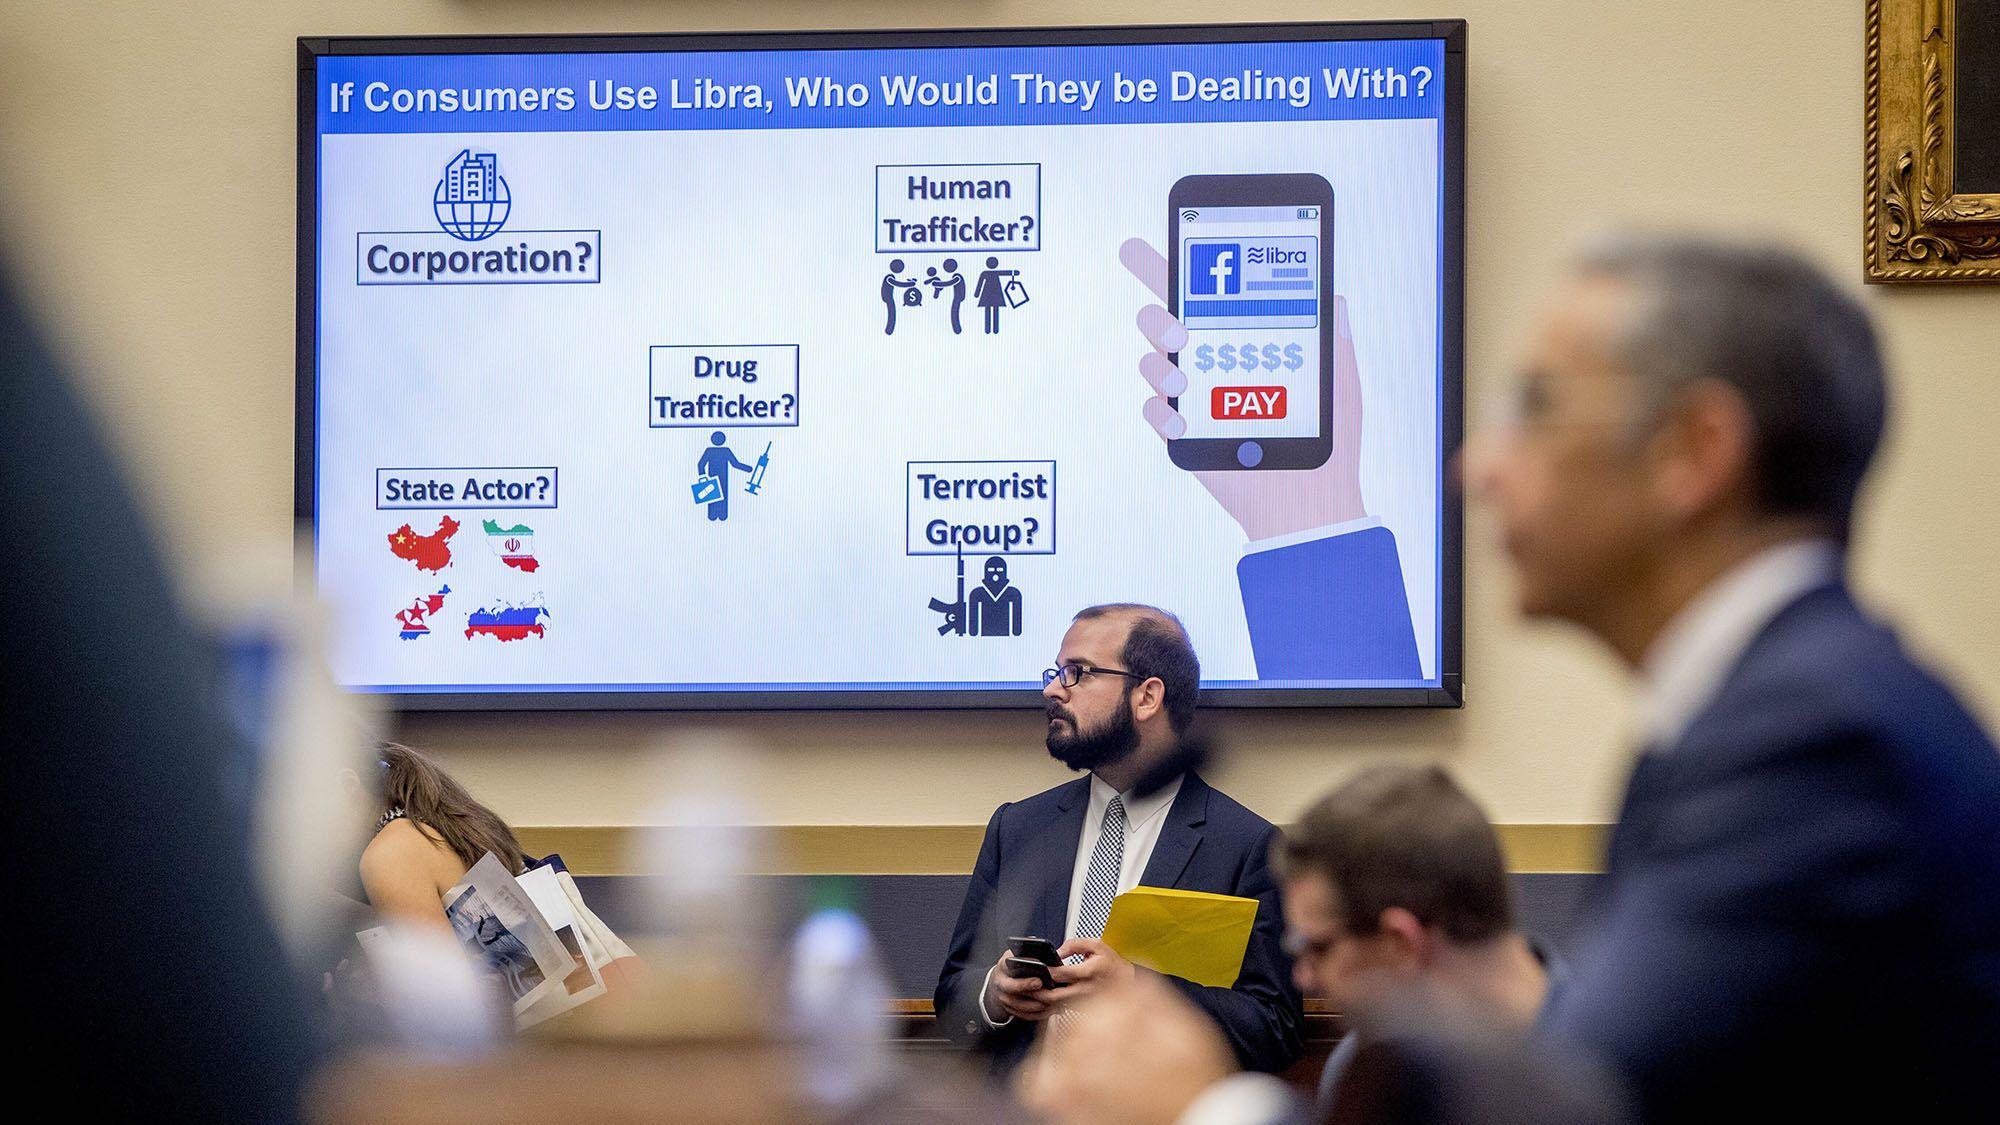 フェイスブックがロビー会社と契約、暗号通貨「リブラ」実現へ本腰